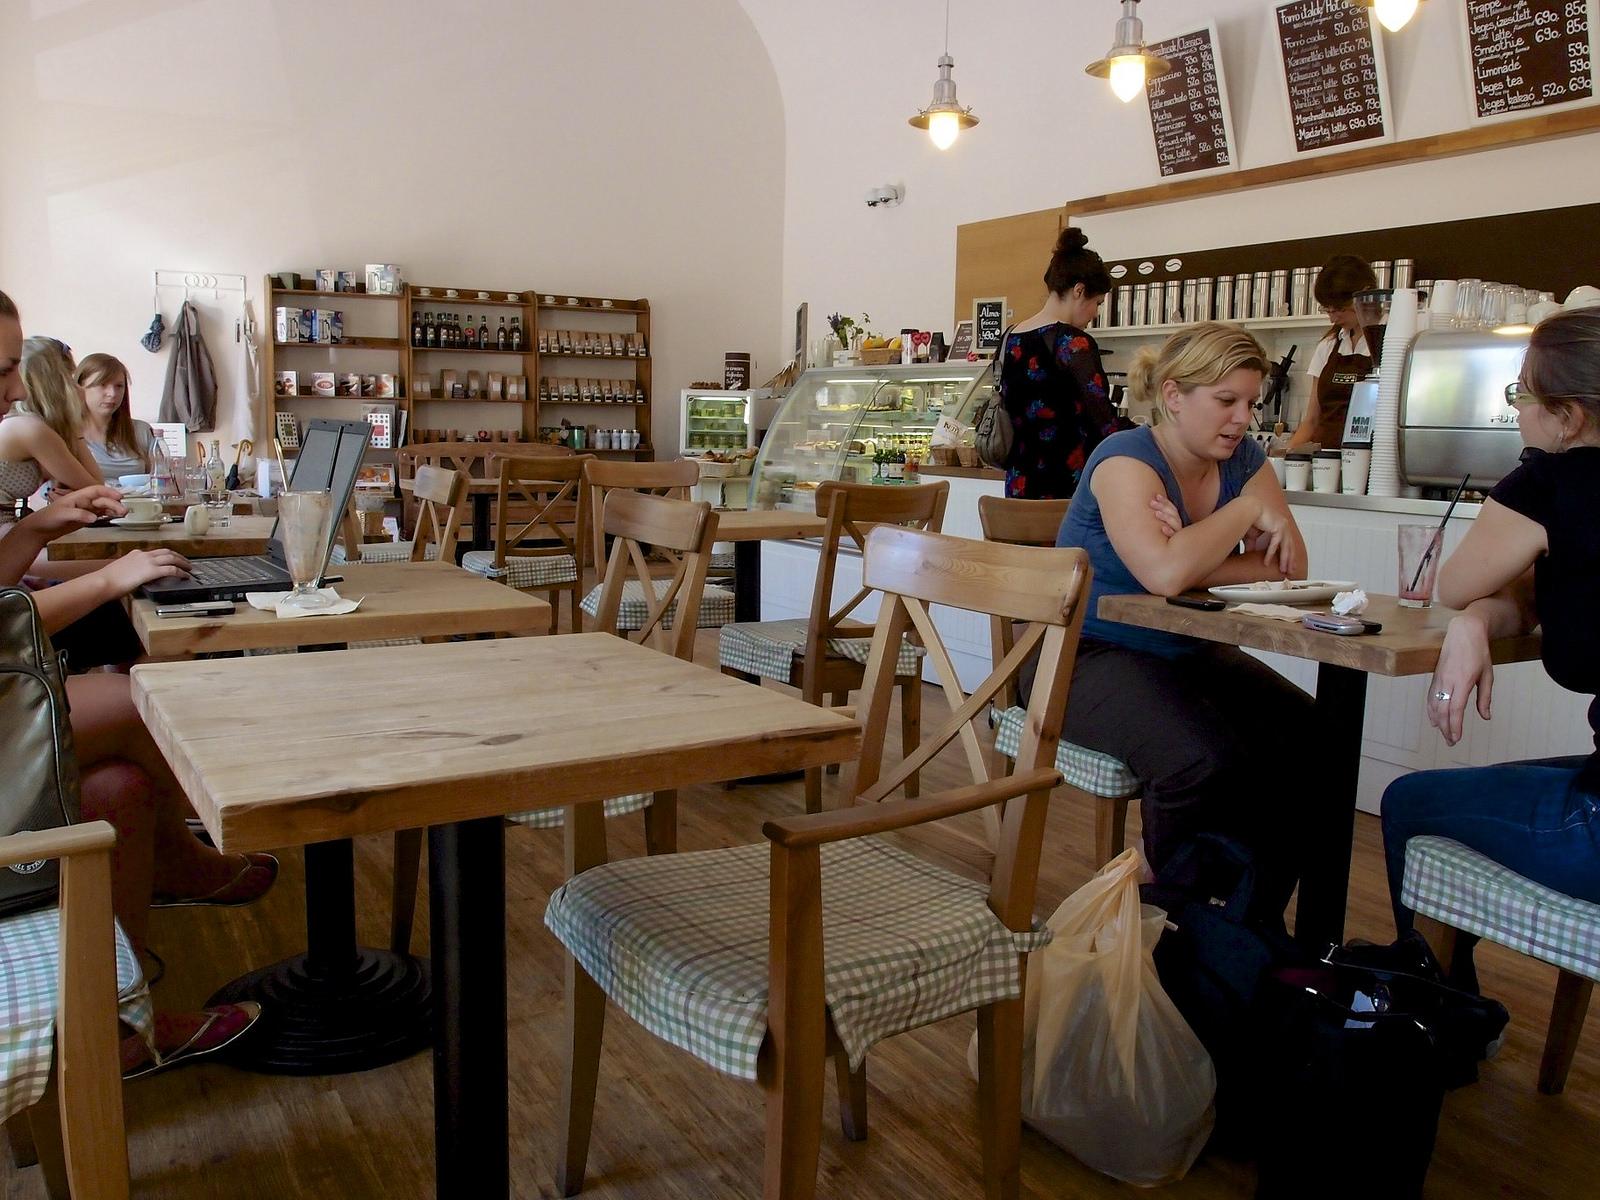 Ecocafe, Budapest egyik első környezettudatos kávézója (Fickr/babubenj)